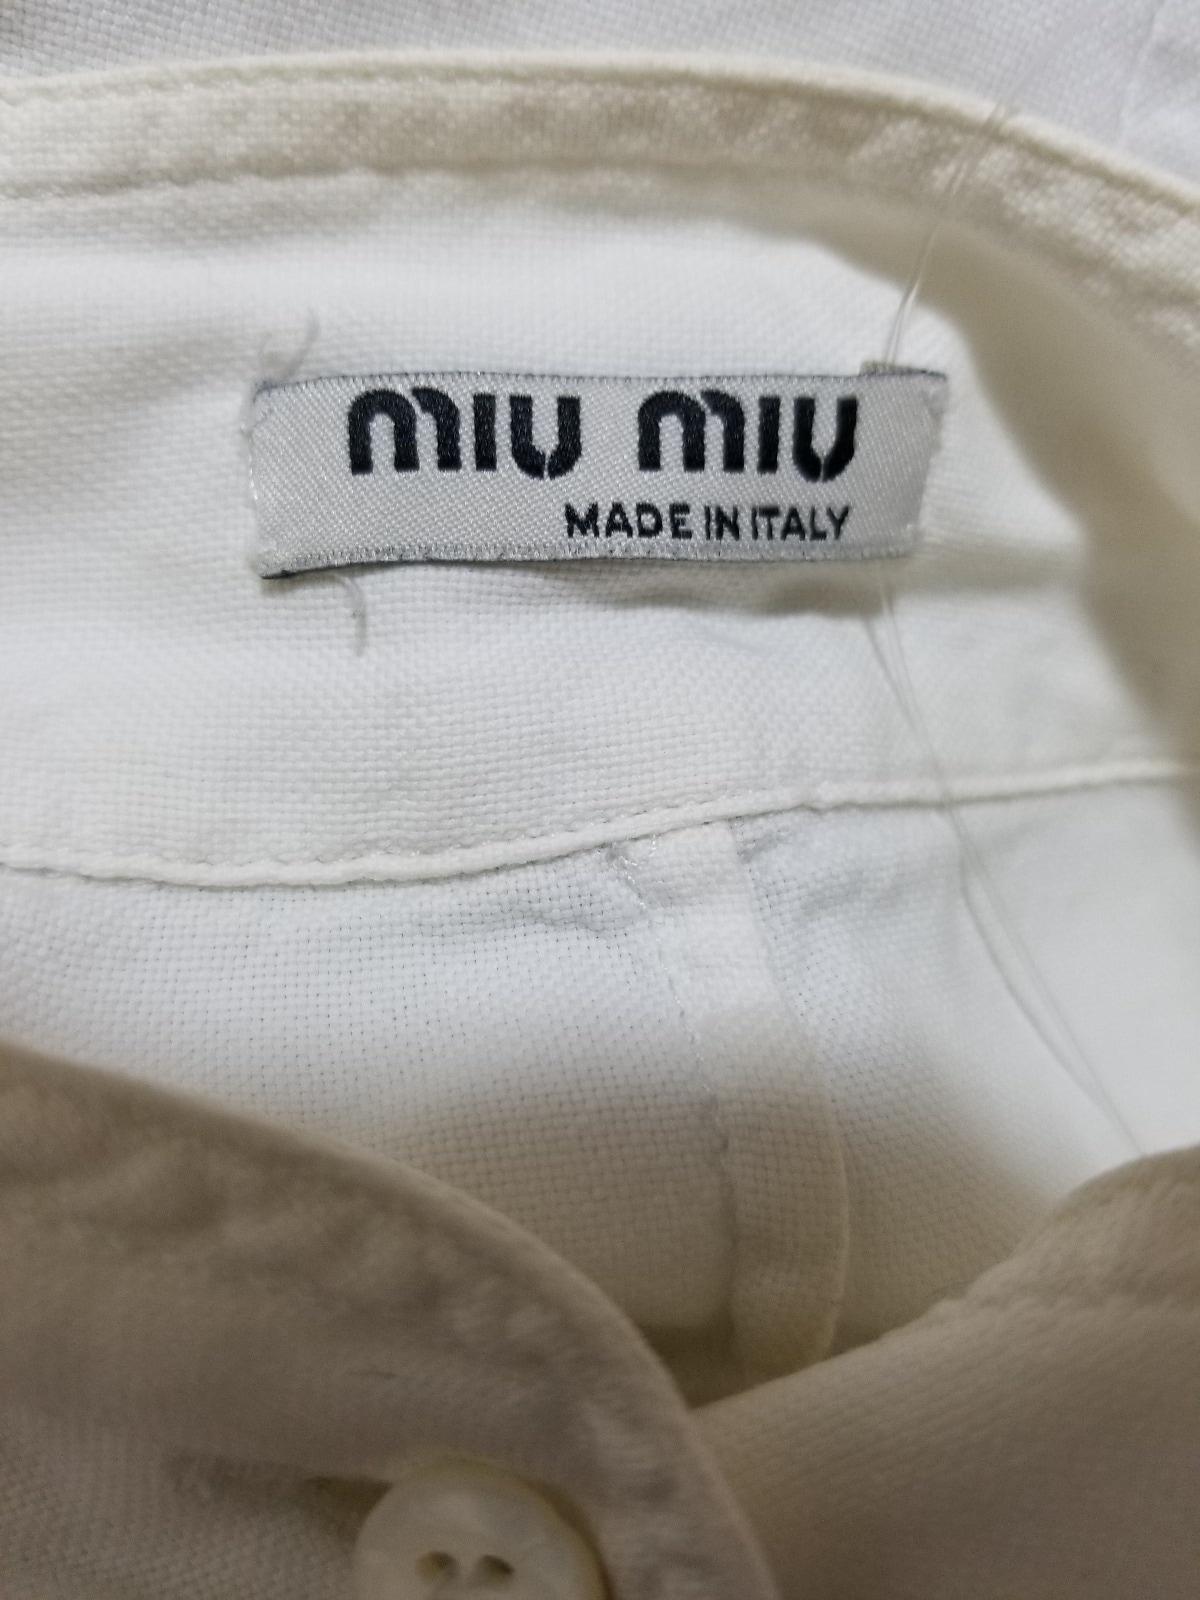 miumiu(ミュウミュウ)のシャツブラウス